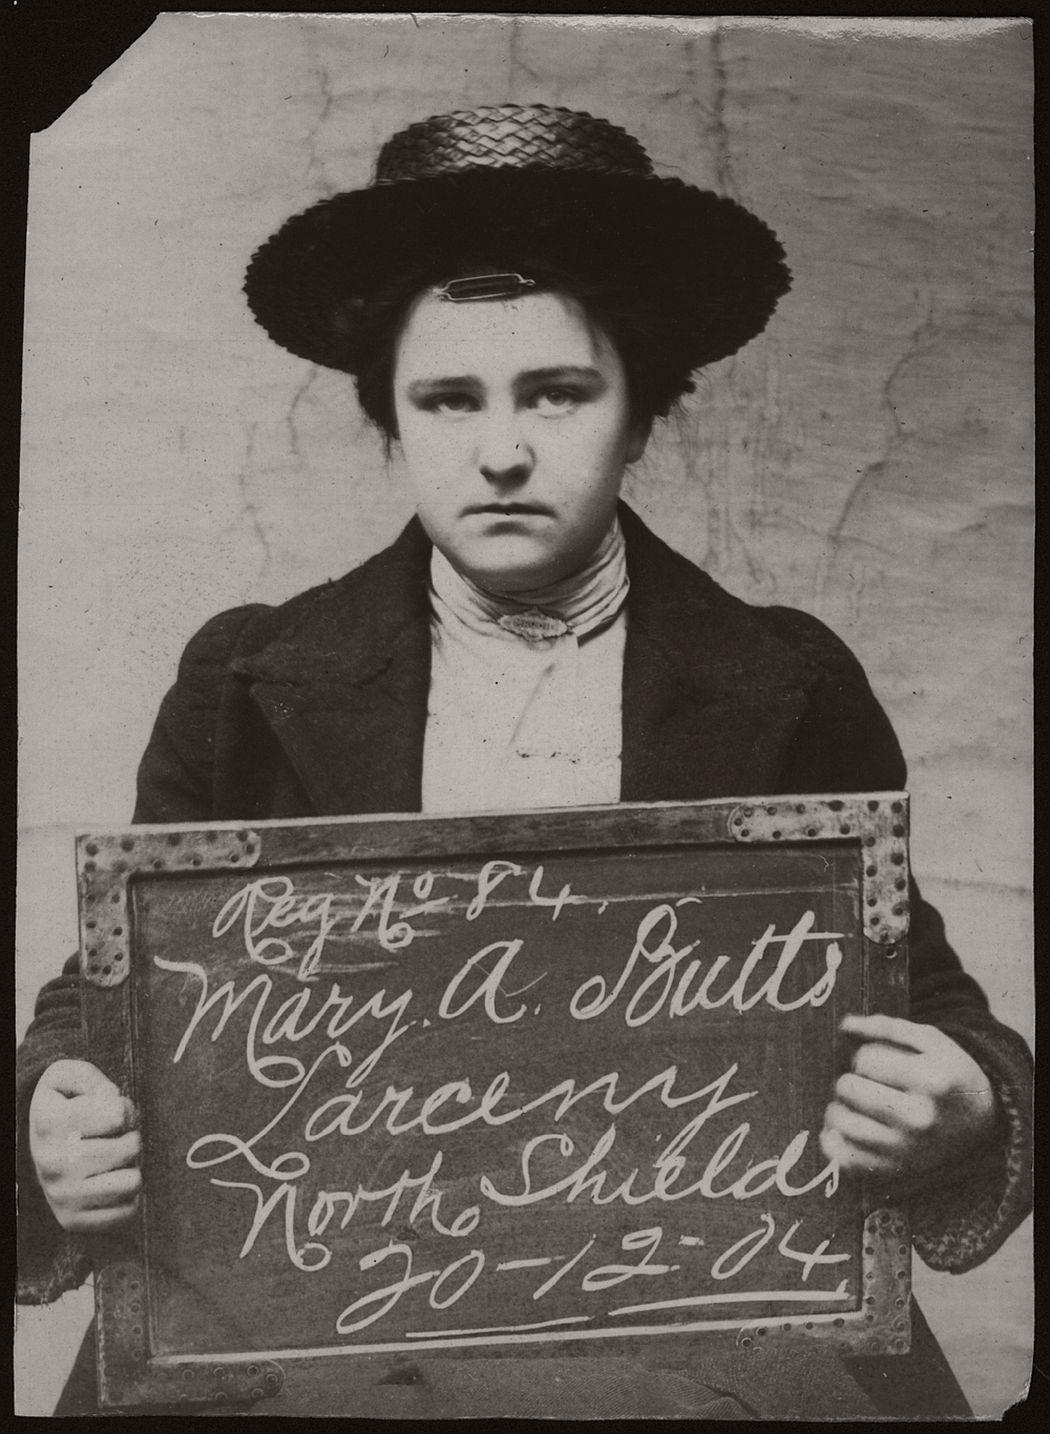 vintage-mug-shot-of-women-criminals-from-north-shields-1903-1905-14